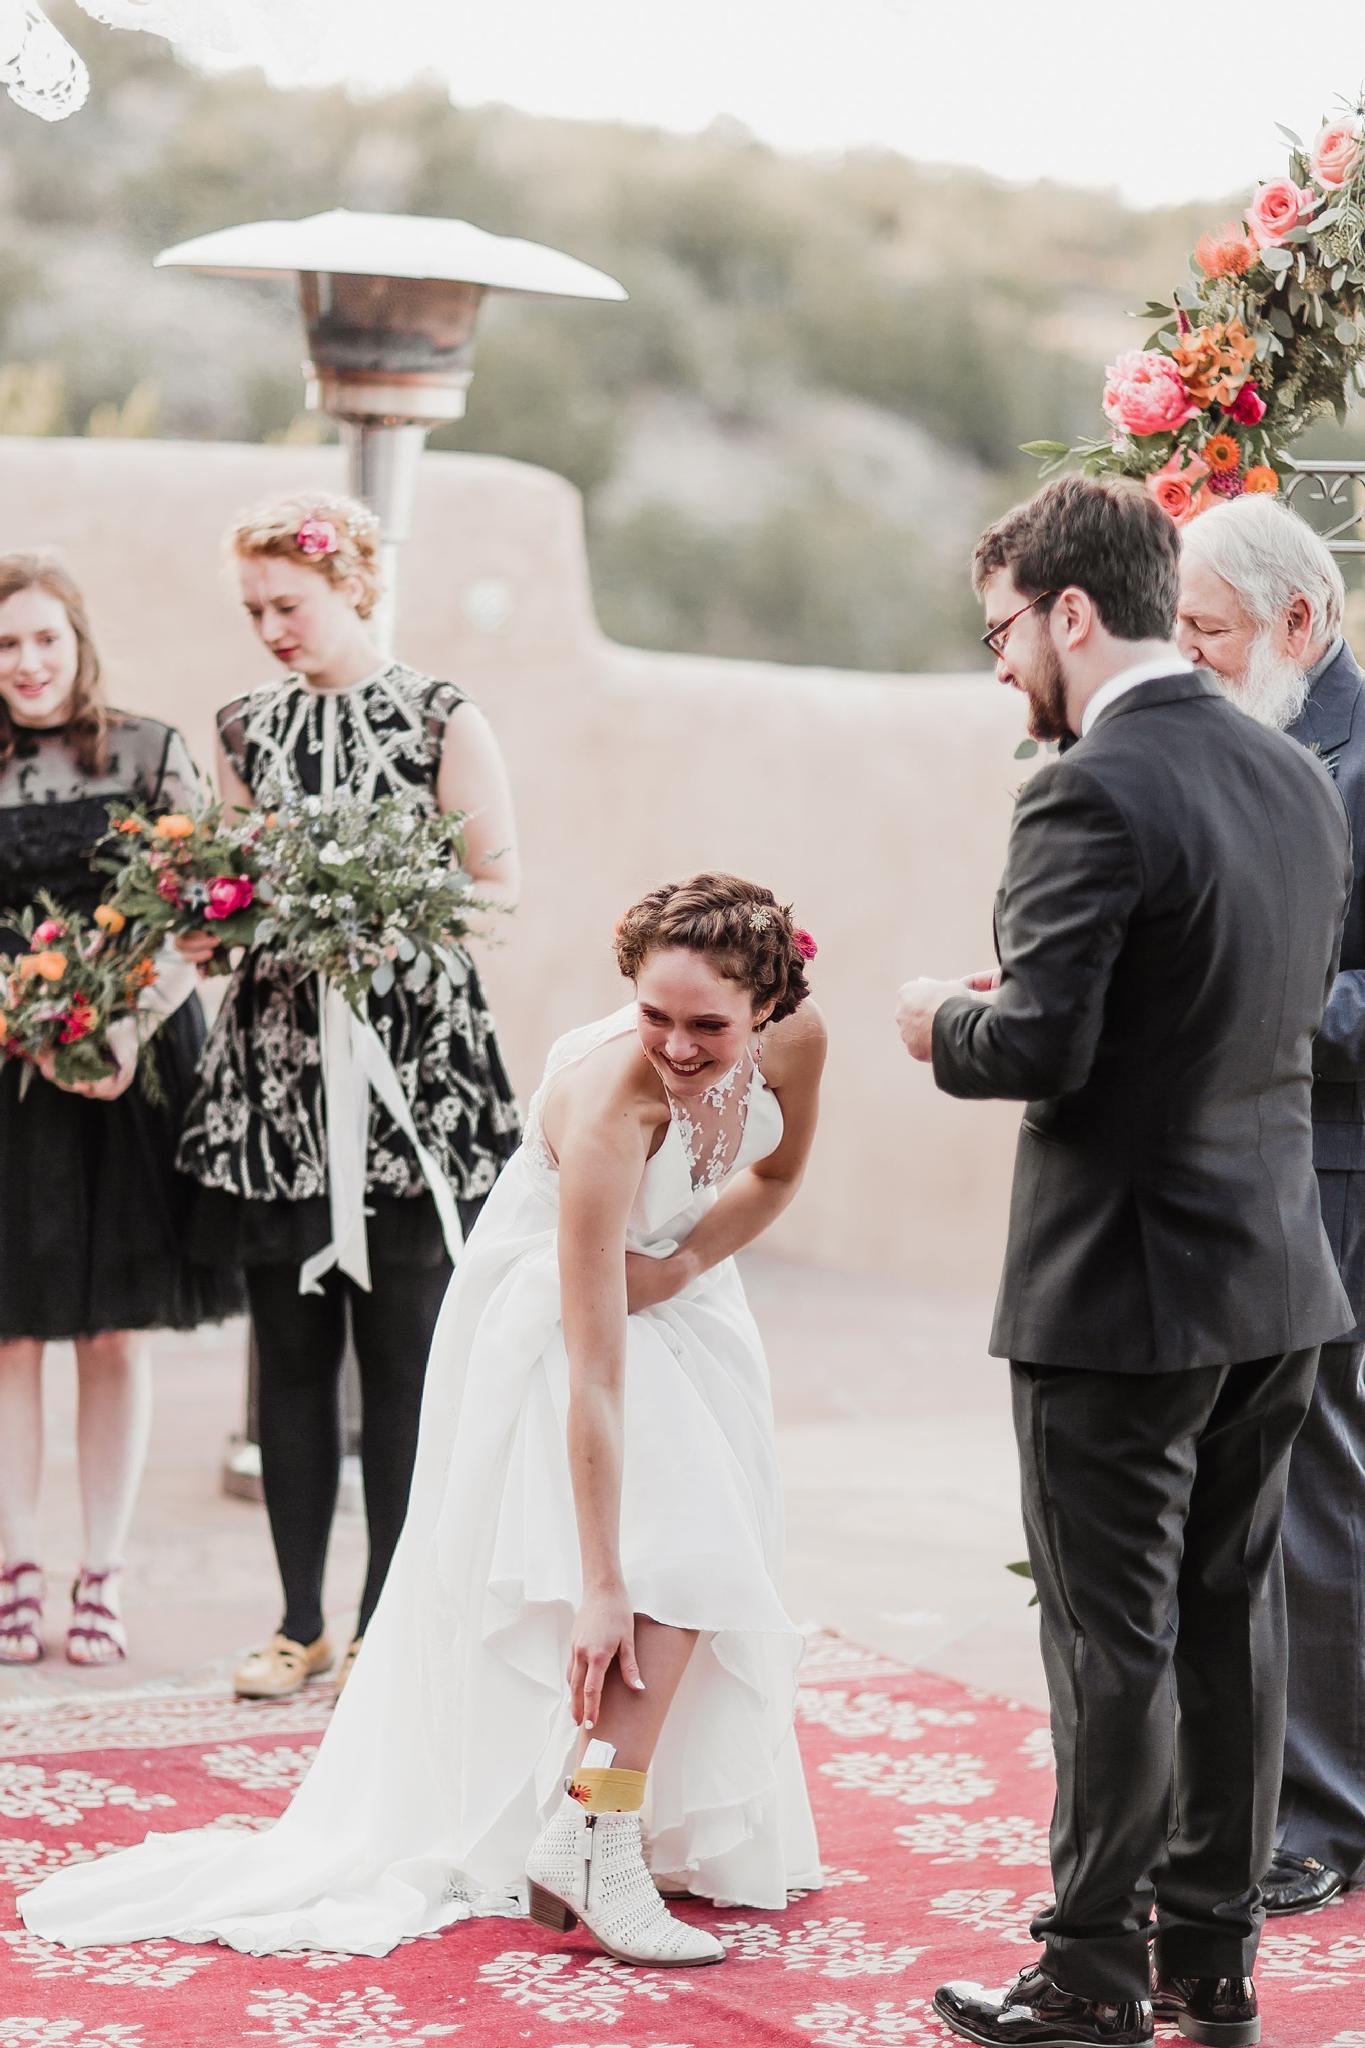 Alicia+lucia+photography+-+albuquerque+wedding+photographer+-+santa+fe+wedding+photography+-+new+mexico+wedding+photographer+-+new+mexico+wedding+-+wedding+vows+-+writing+your+own+vows+-+wedding+inspo_0030.jpg